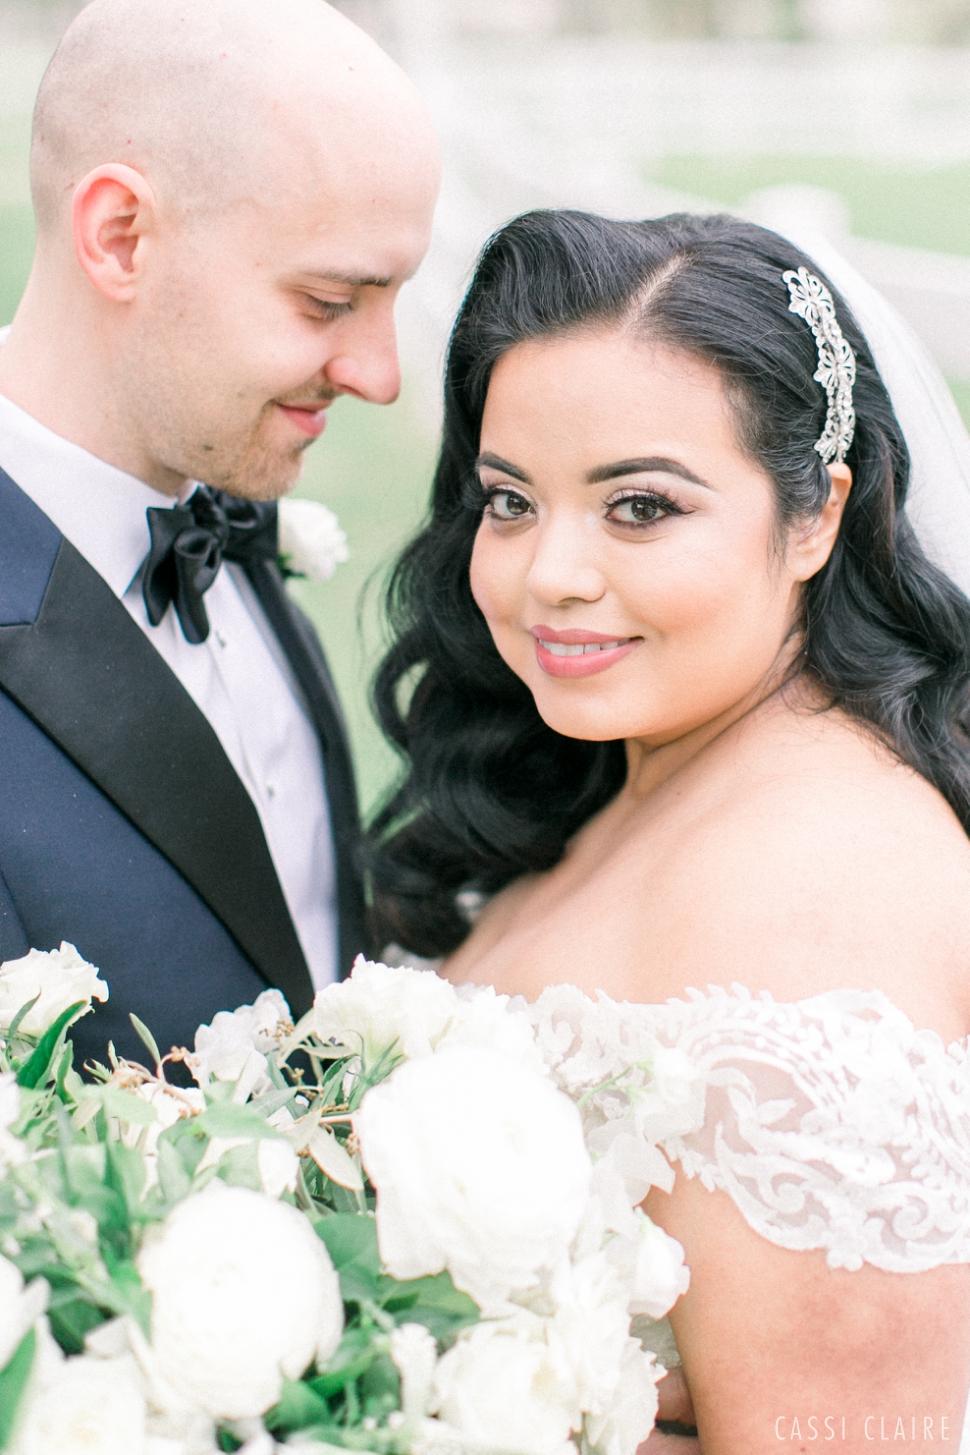 Ryland-Inn-Wedding-NJ_CassiClaire_23.jpg